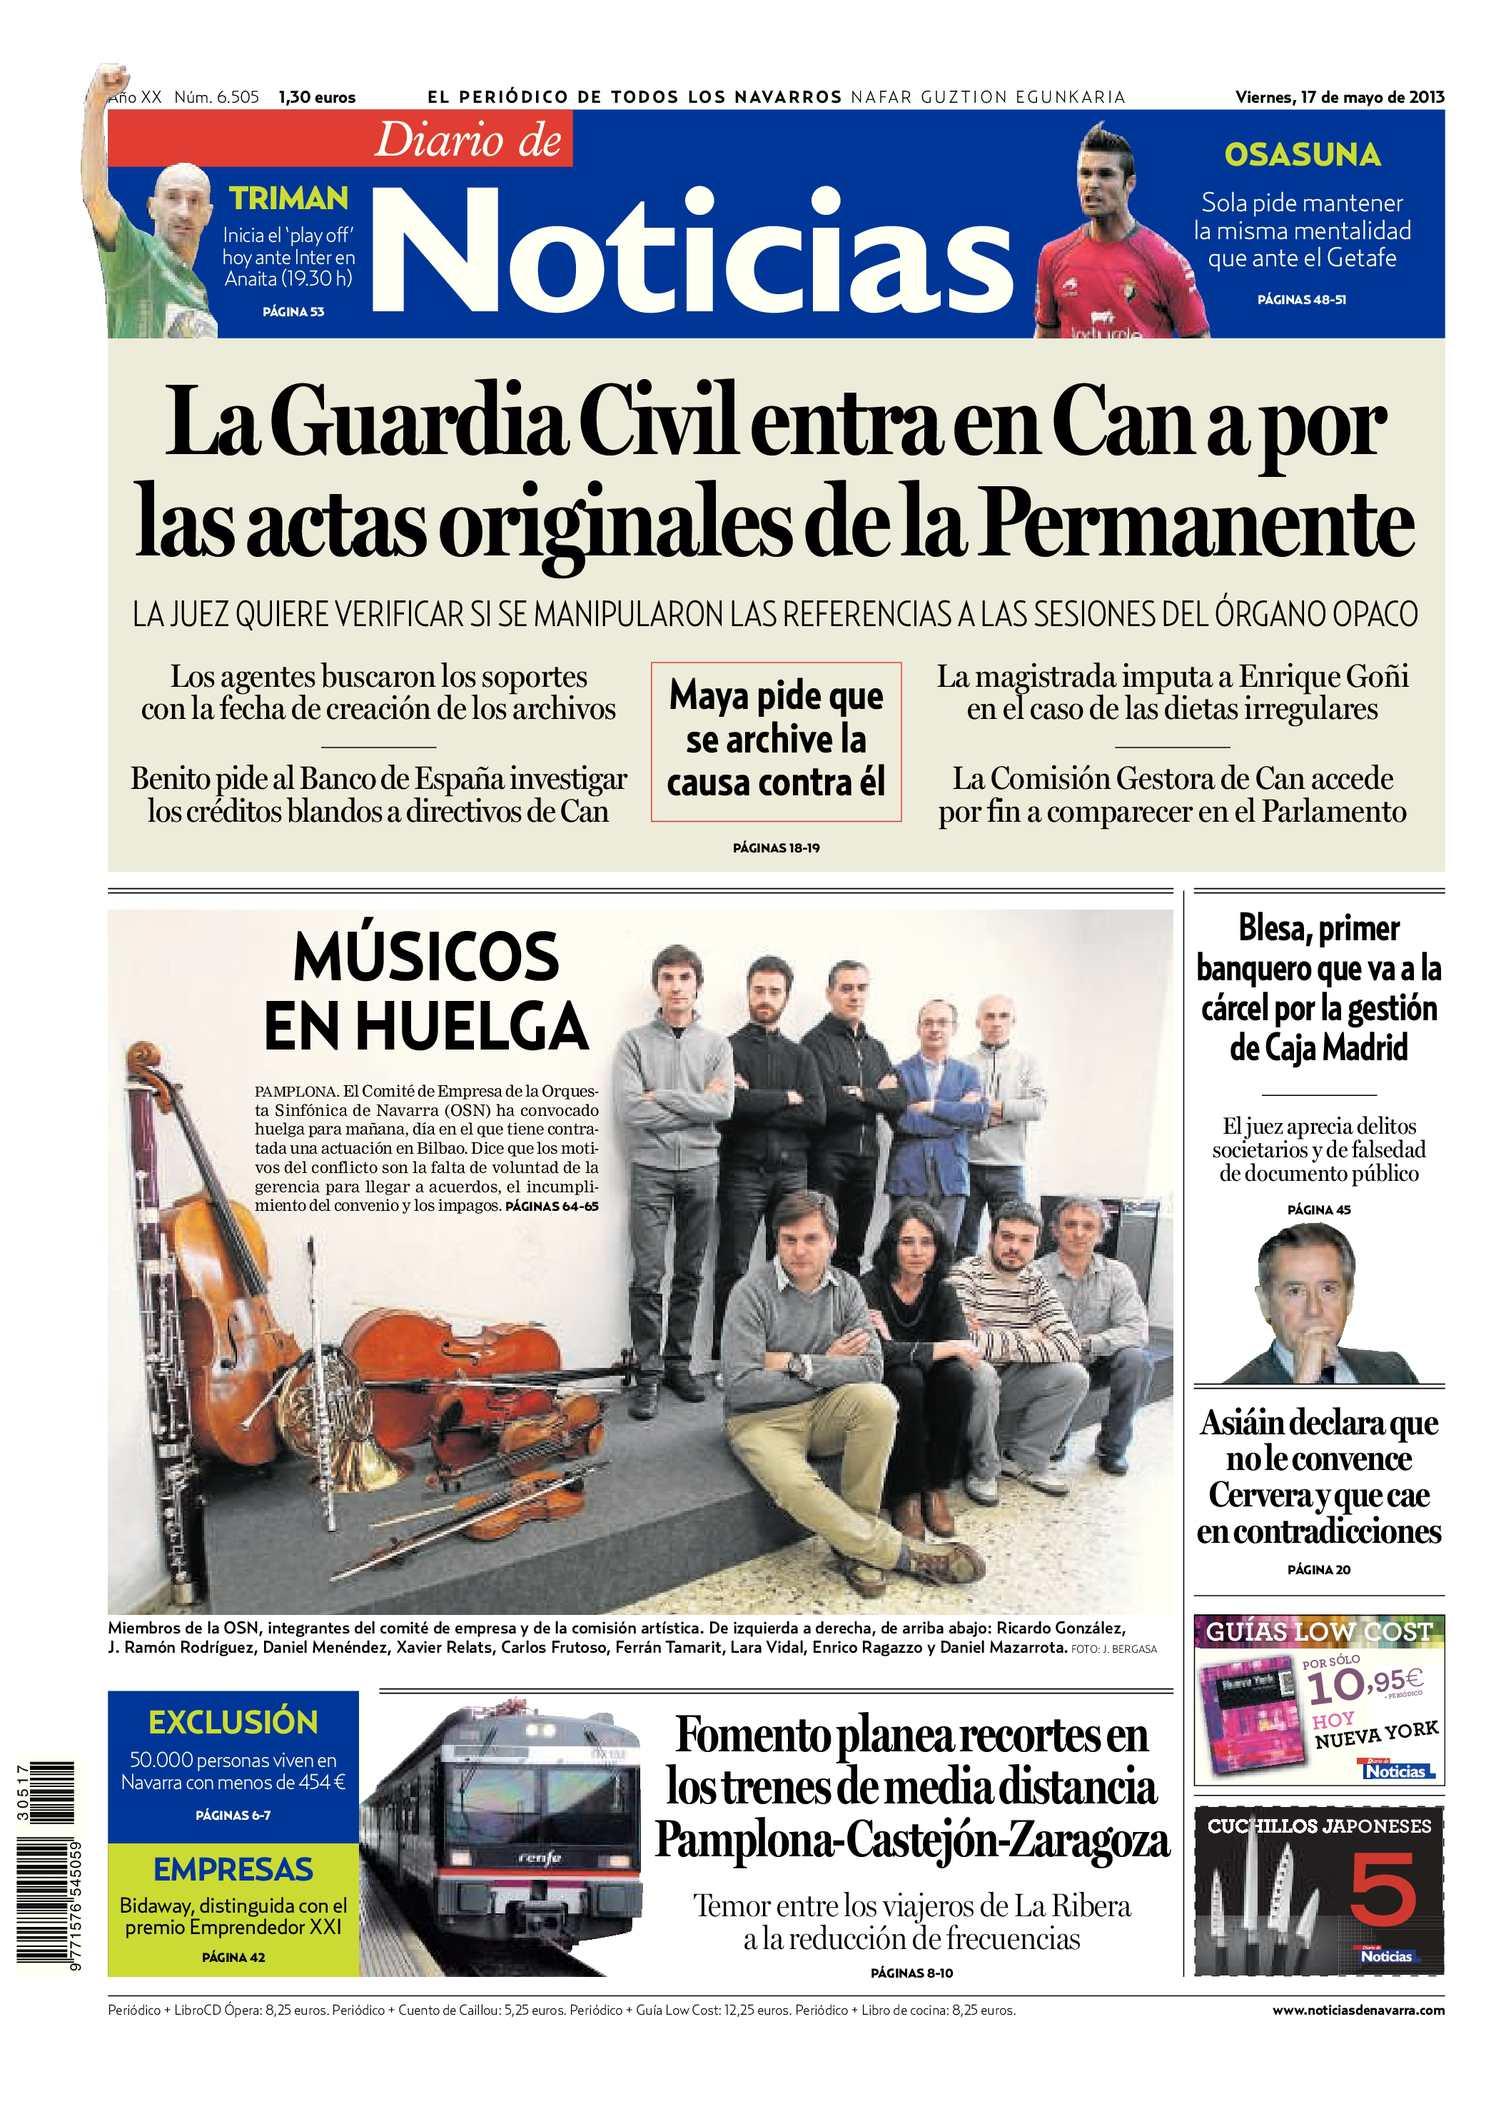 Calaméo - Diario de Noticias 20130517 68d45da45f09